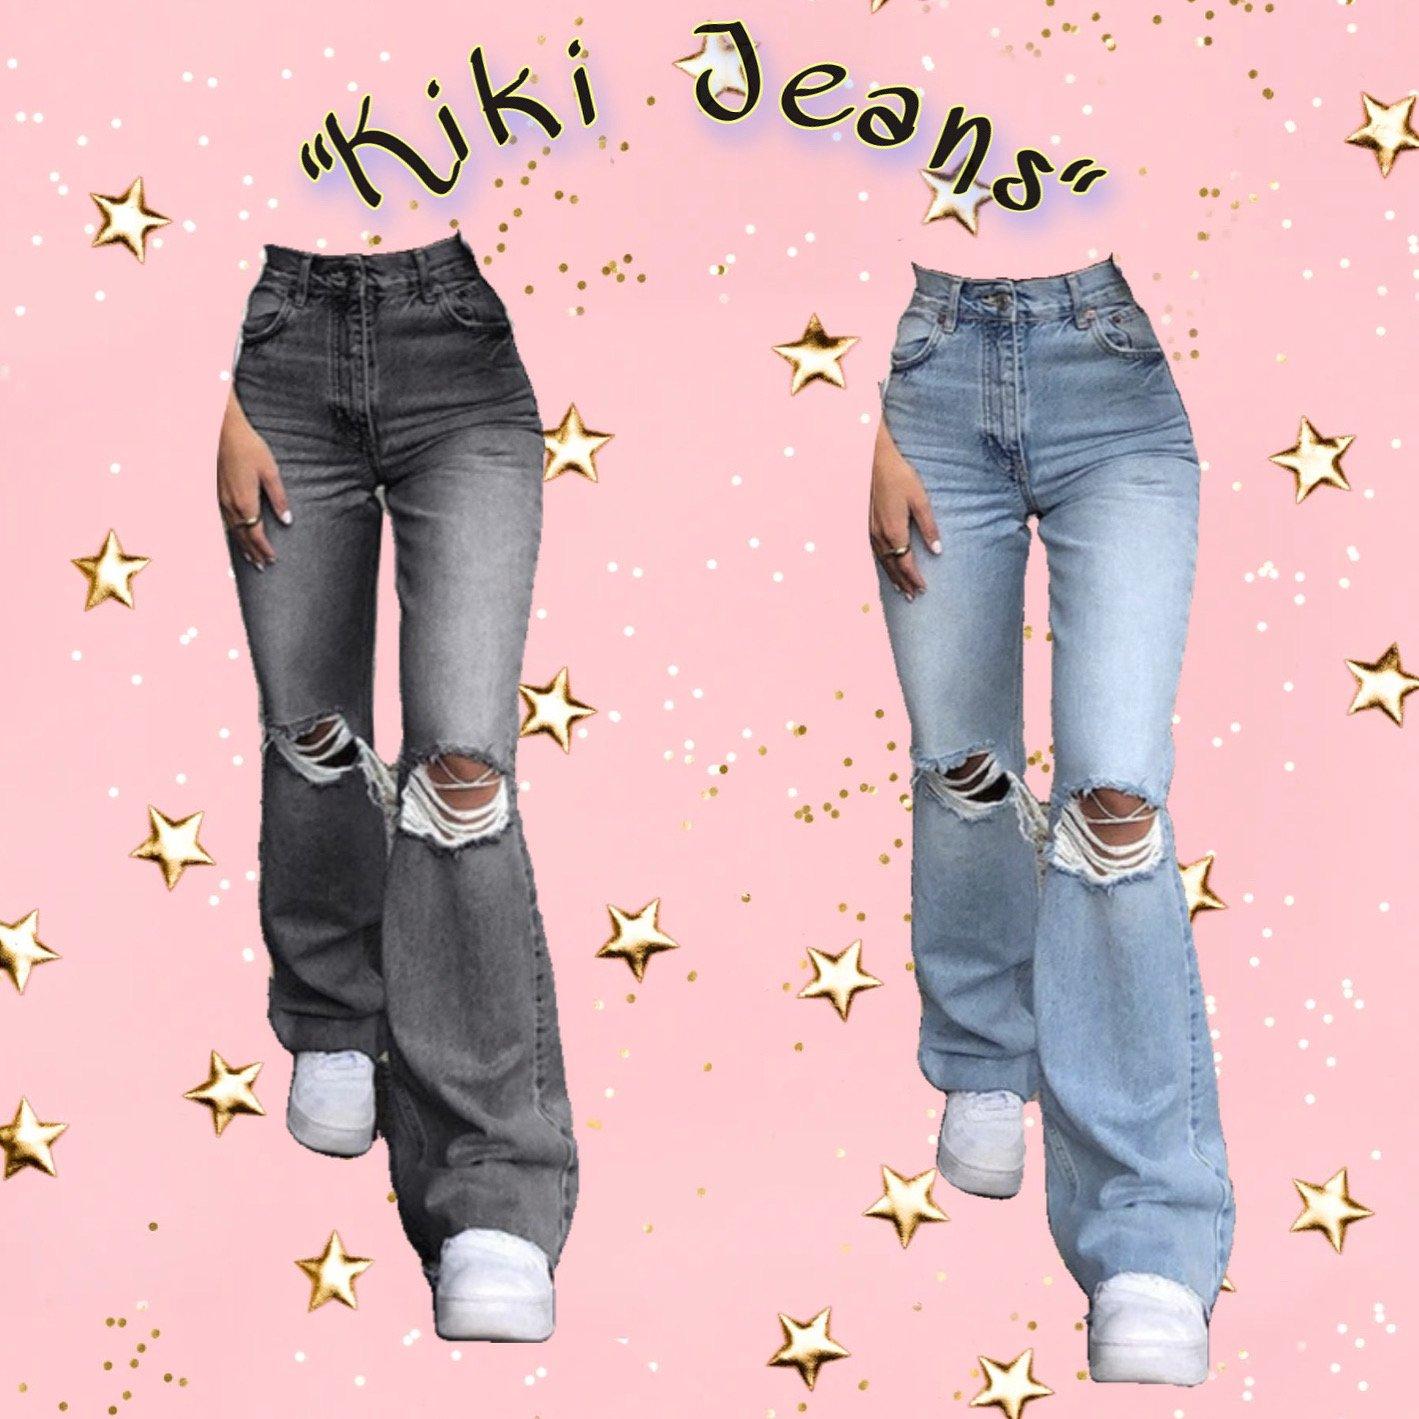 Image of Kiki Jeans